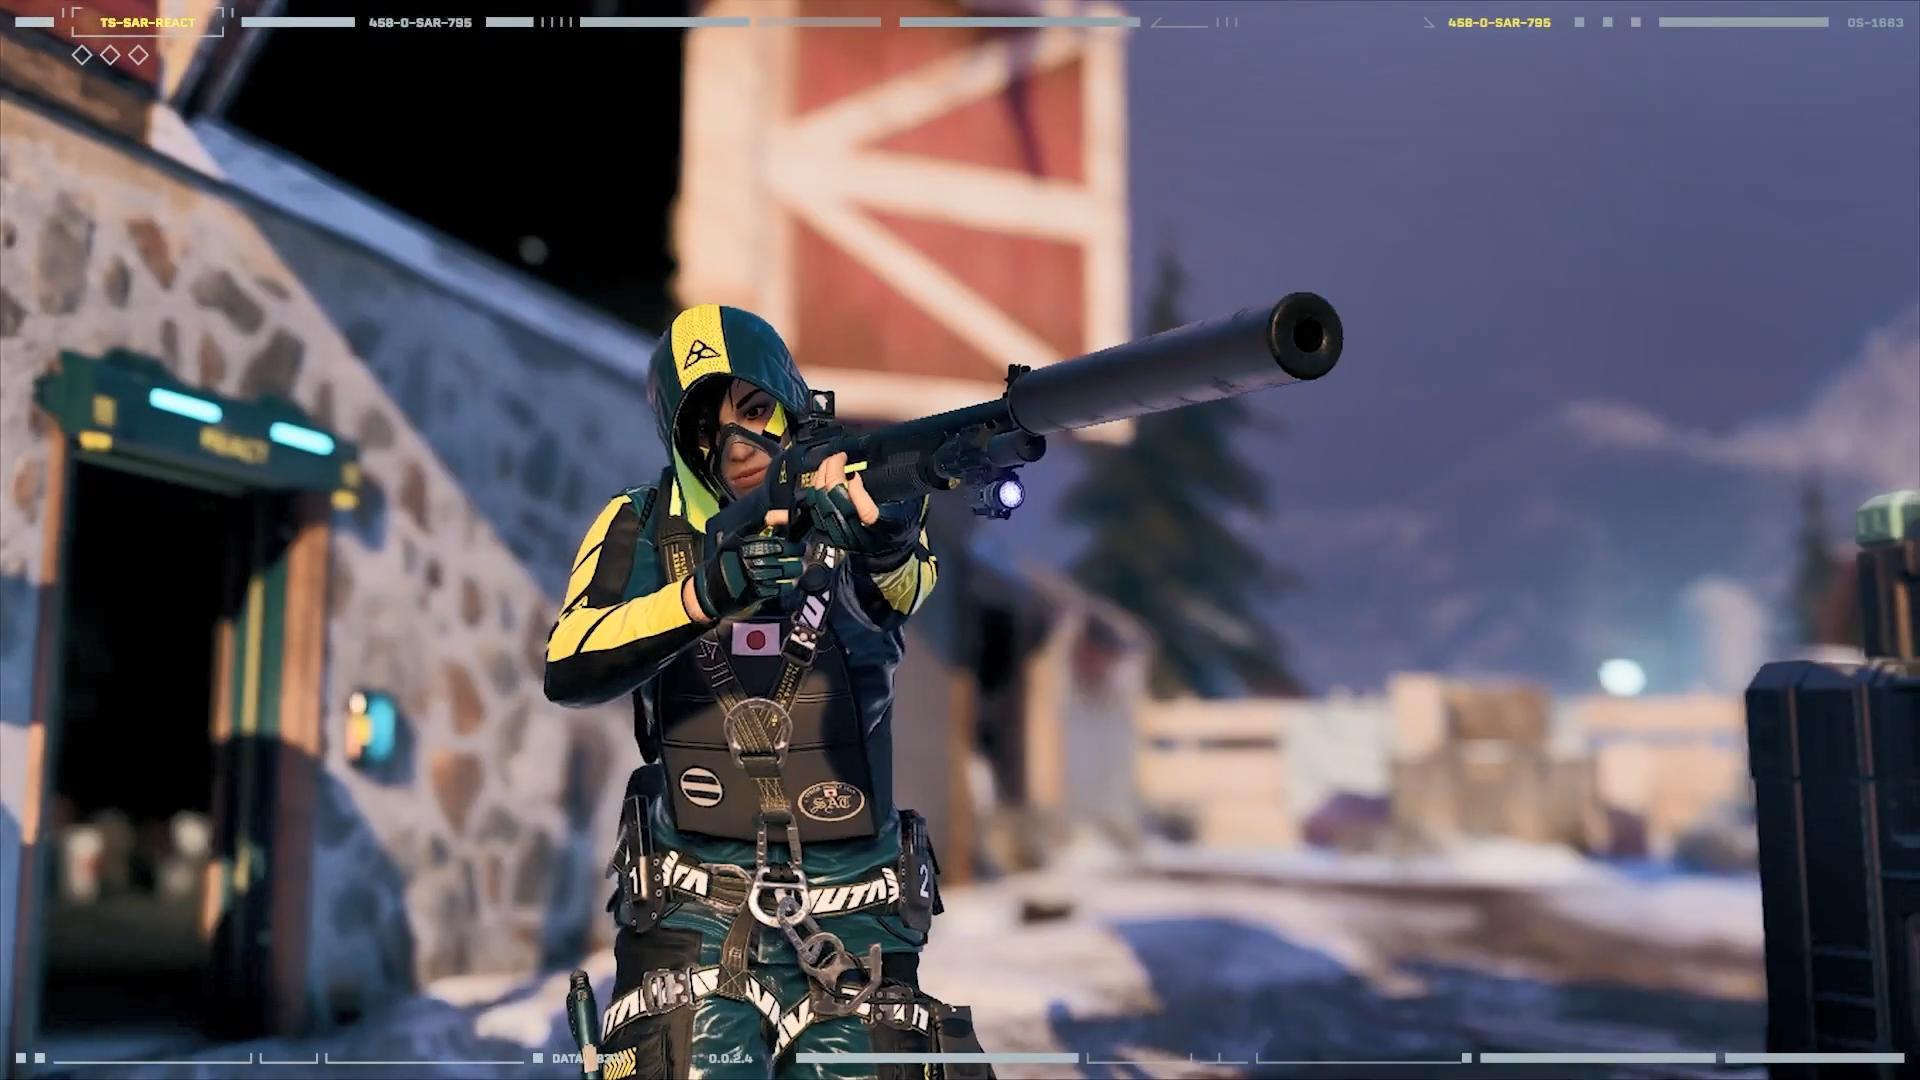 《彩虹六号:异种》新干员HIBANA介绍 遥控引爆炸药可造成穿甲伤害